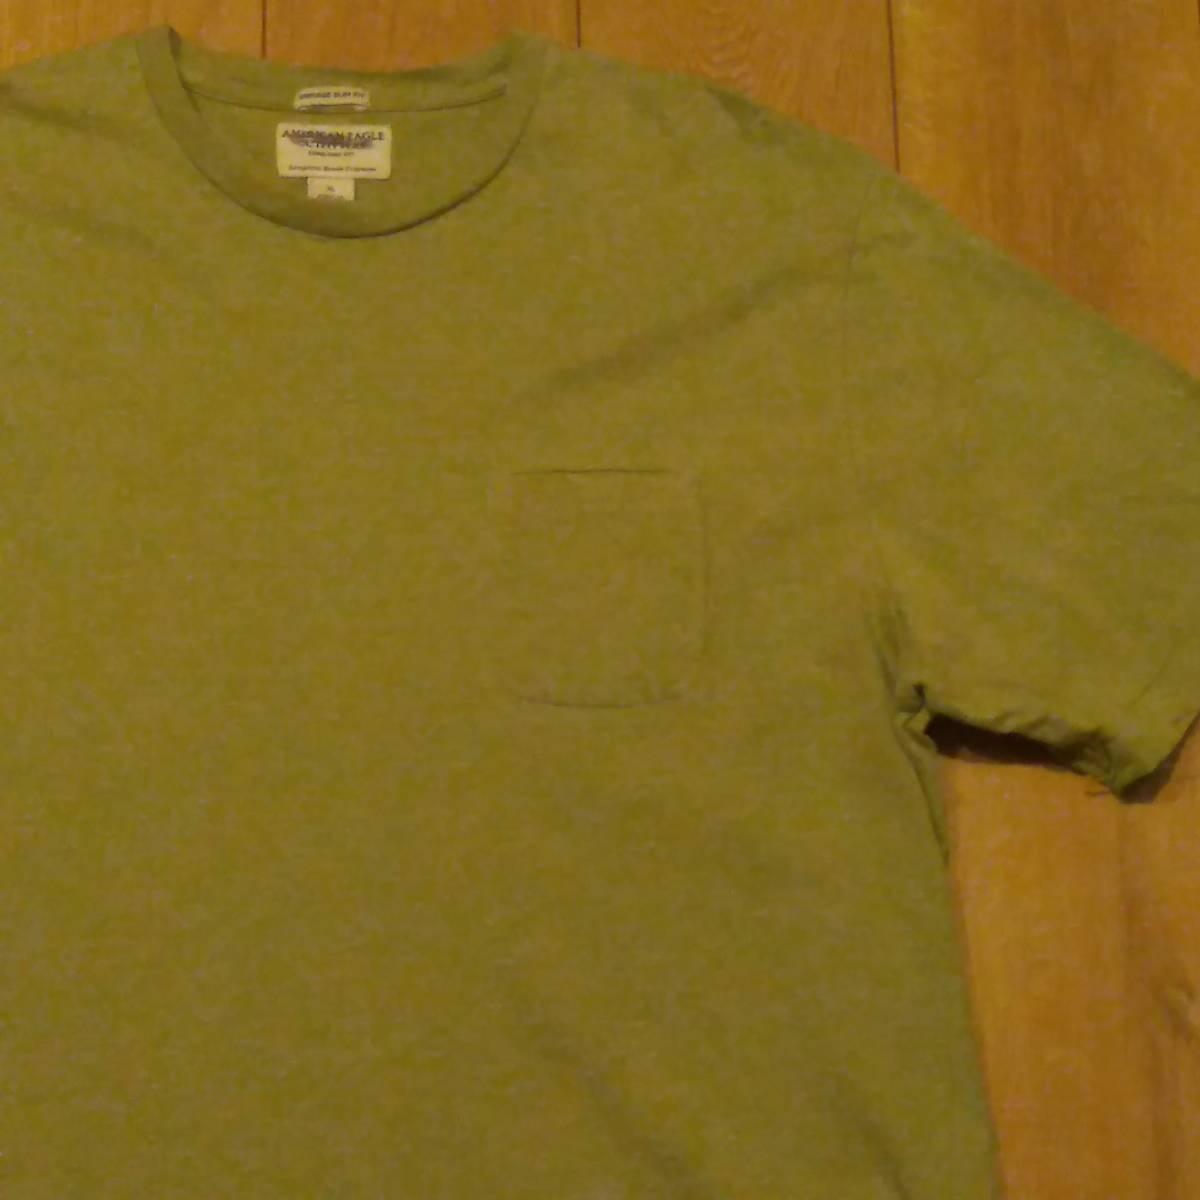 USA古着卸 AMERICAN EAGLE アメリカンイーグル 胸ポケ Tシャツ XL_画像3